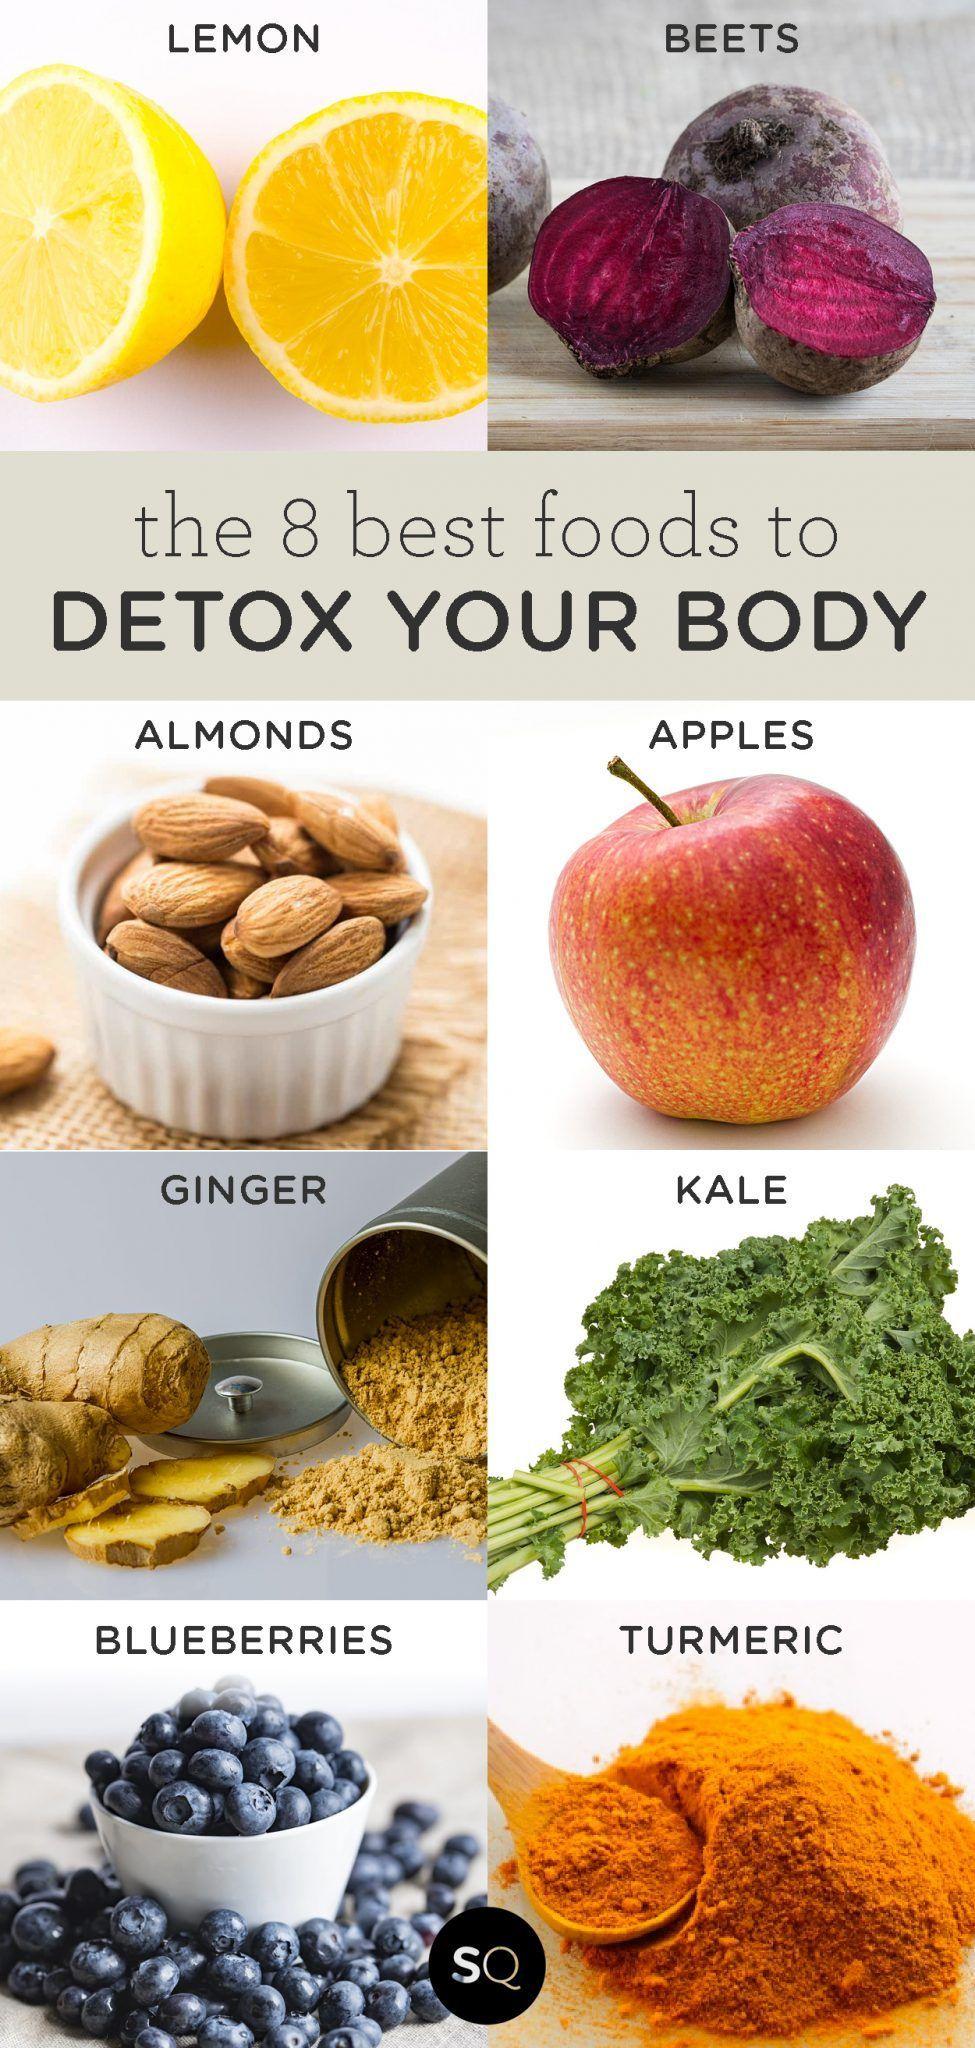 The 8 Best Foods to Detox Your Body - Simply Quinoa        Die 8 besten Lebensmittel, um Ihren Kör